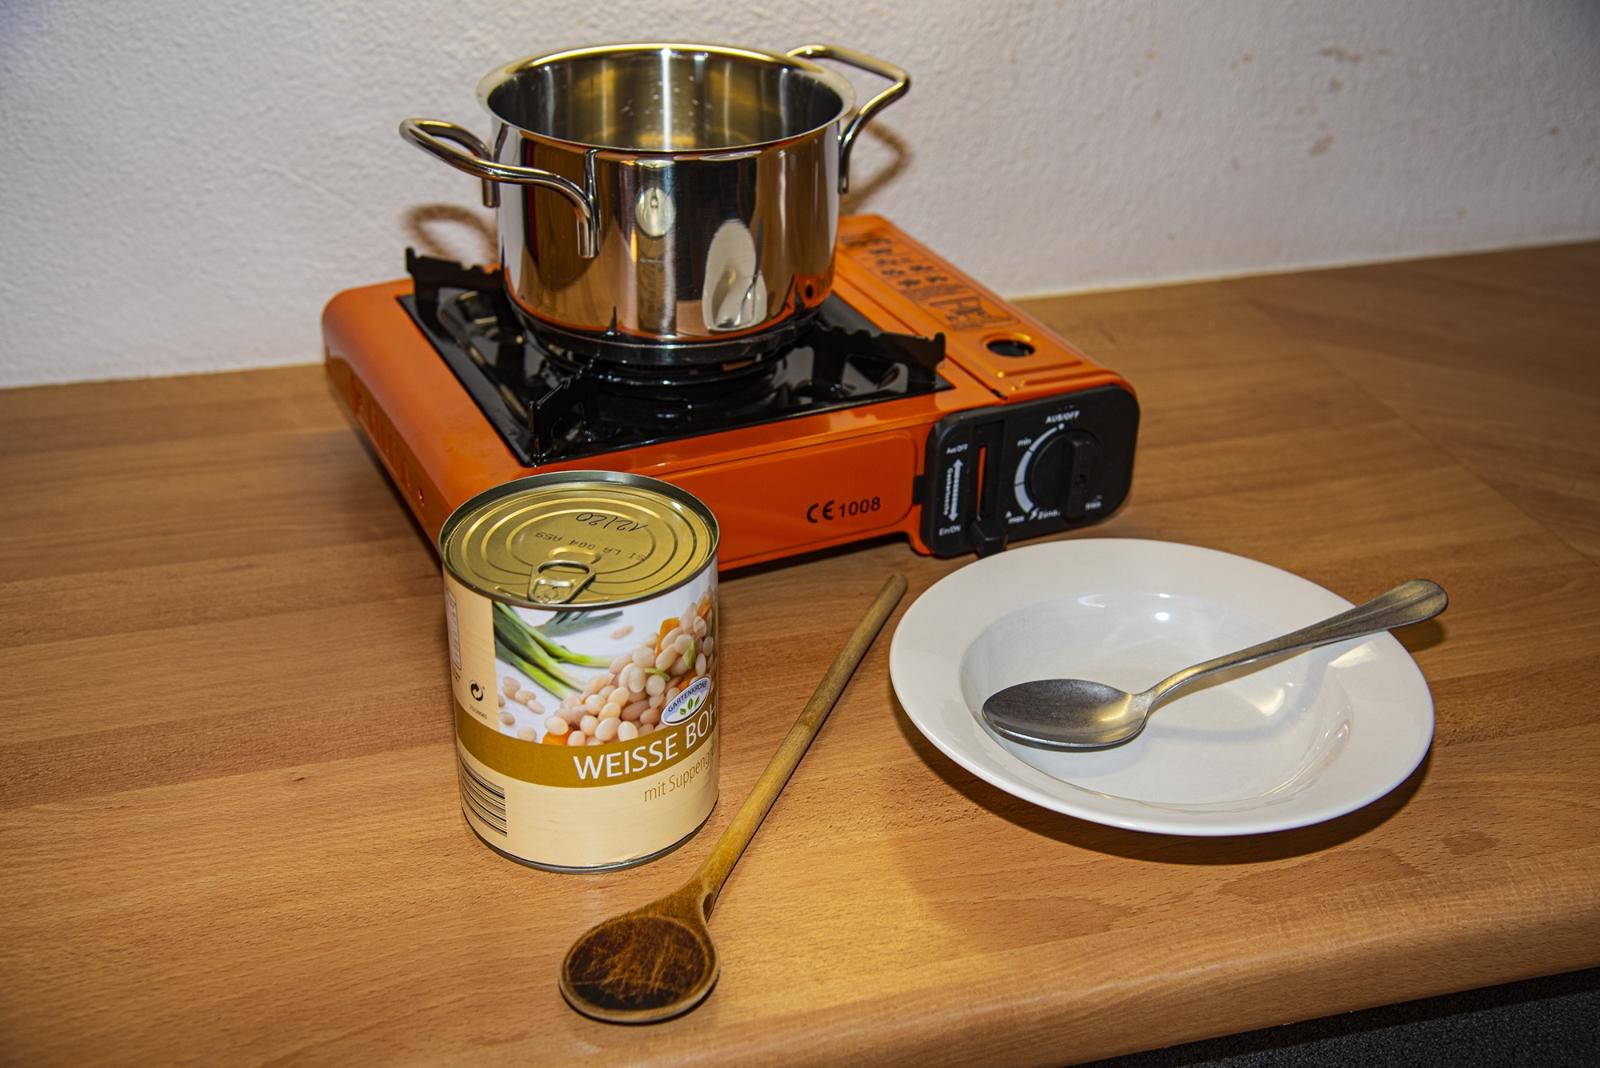 Aufwändige Menüs mit mehreren Gängen sollte man mit dem kleinen Kocher nicht planen. Für einen Eintopf, Dosengerichte oder das Teewasser ist er eine gute Wahl. Die Töpfe sollten nicht mehr als 20 Zentimeter Durchmesser haben, da sich sonst die seitlich liegende Kartusche zu stark erwärmt.